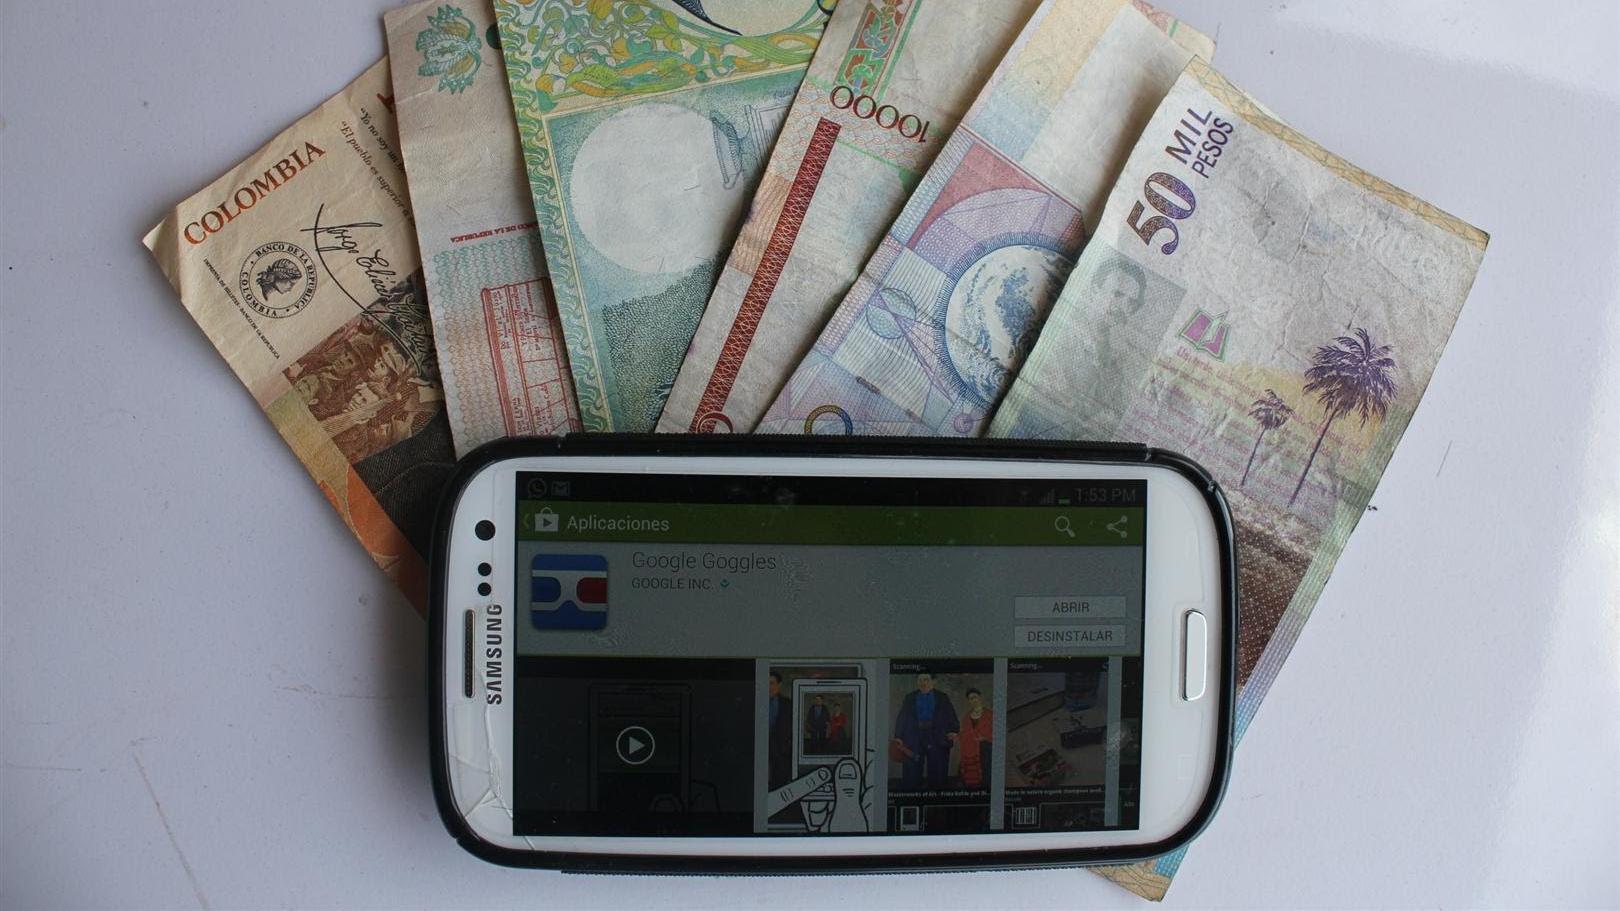 Los ciegos podrán detectar billetes falsos desde el celular o tablet gracias al INTI